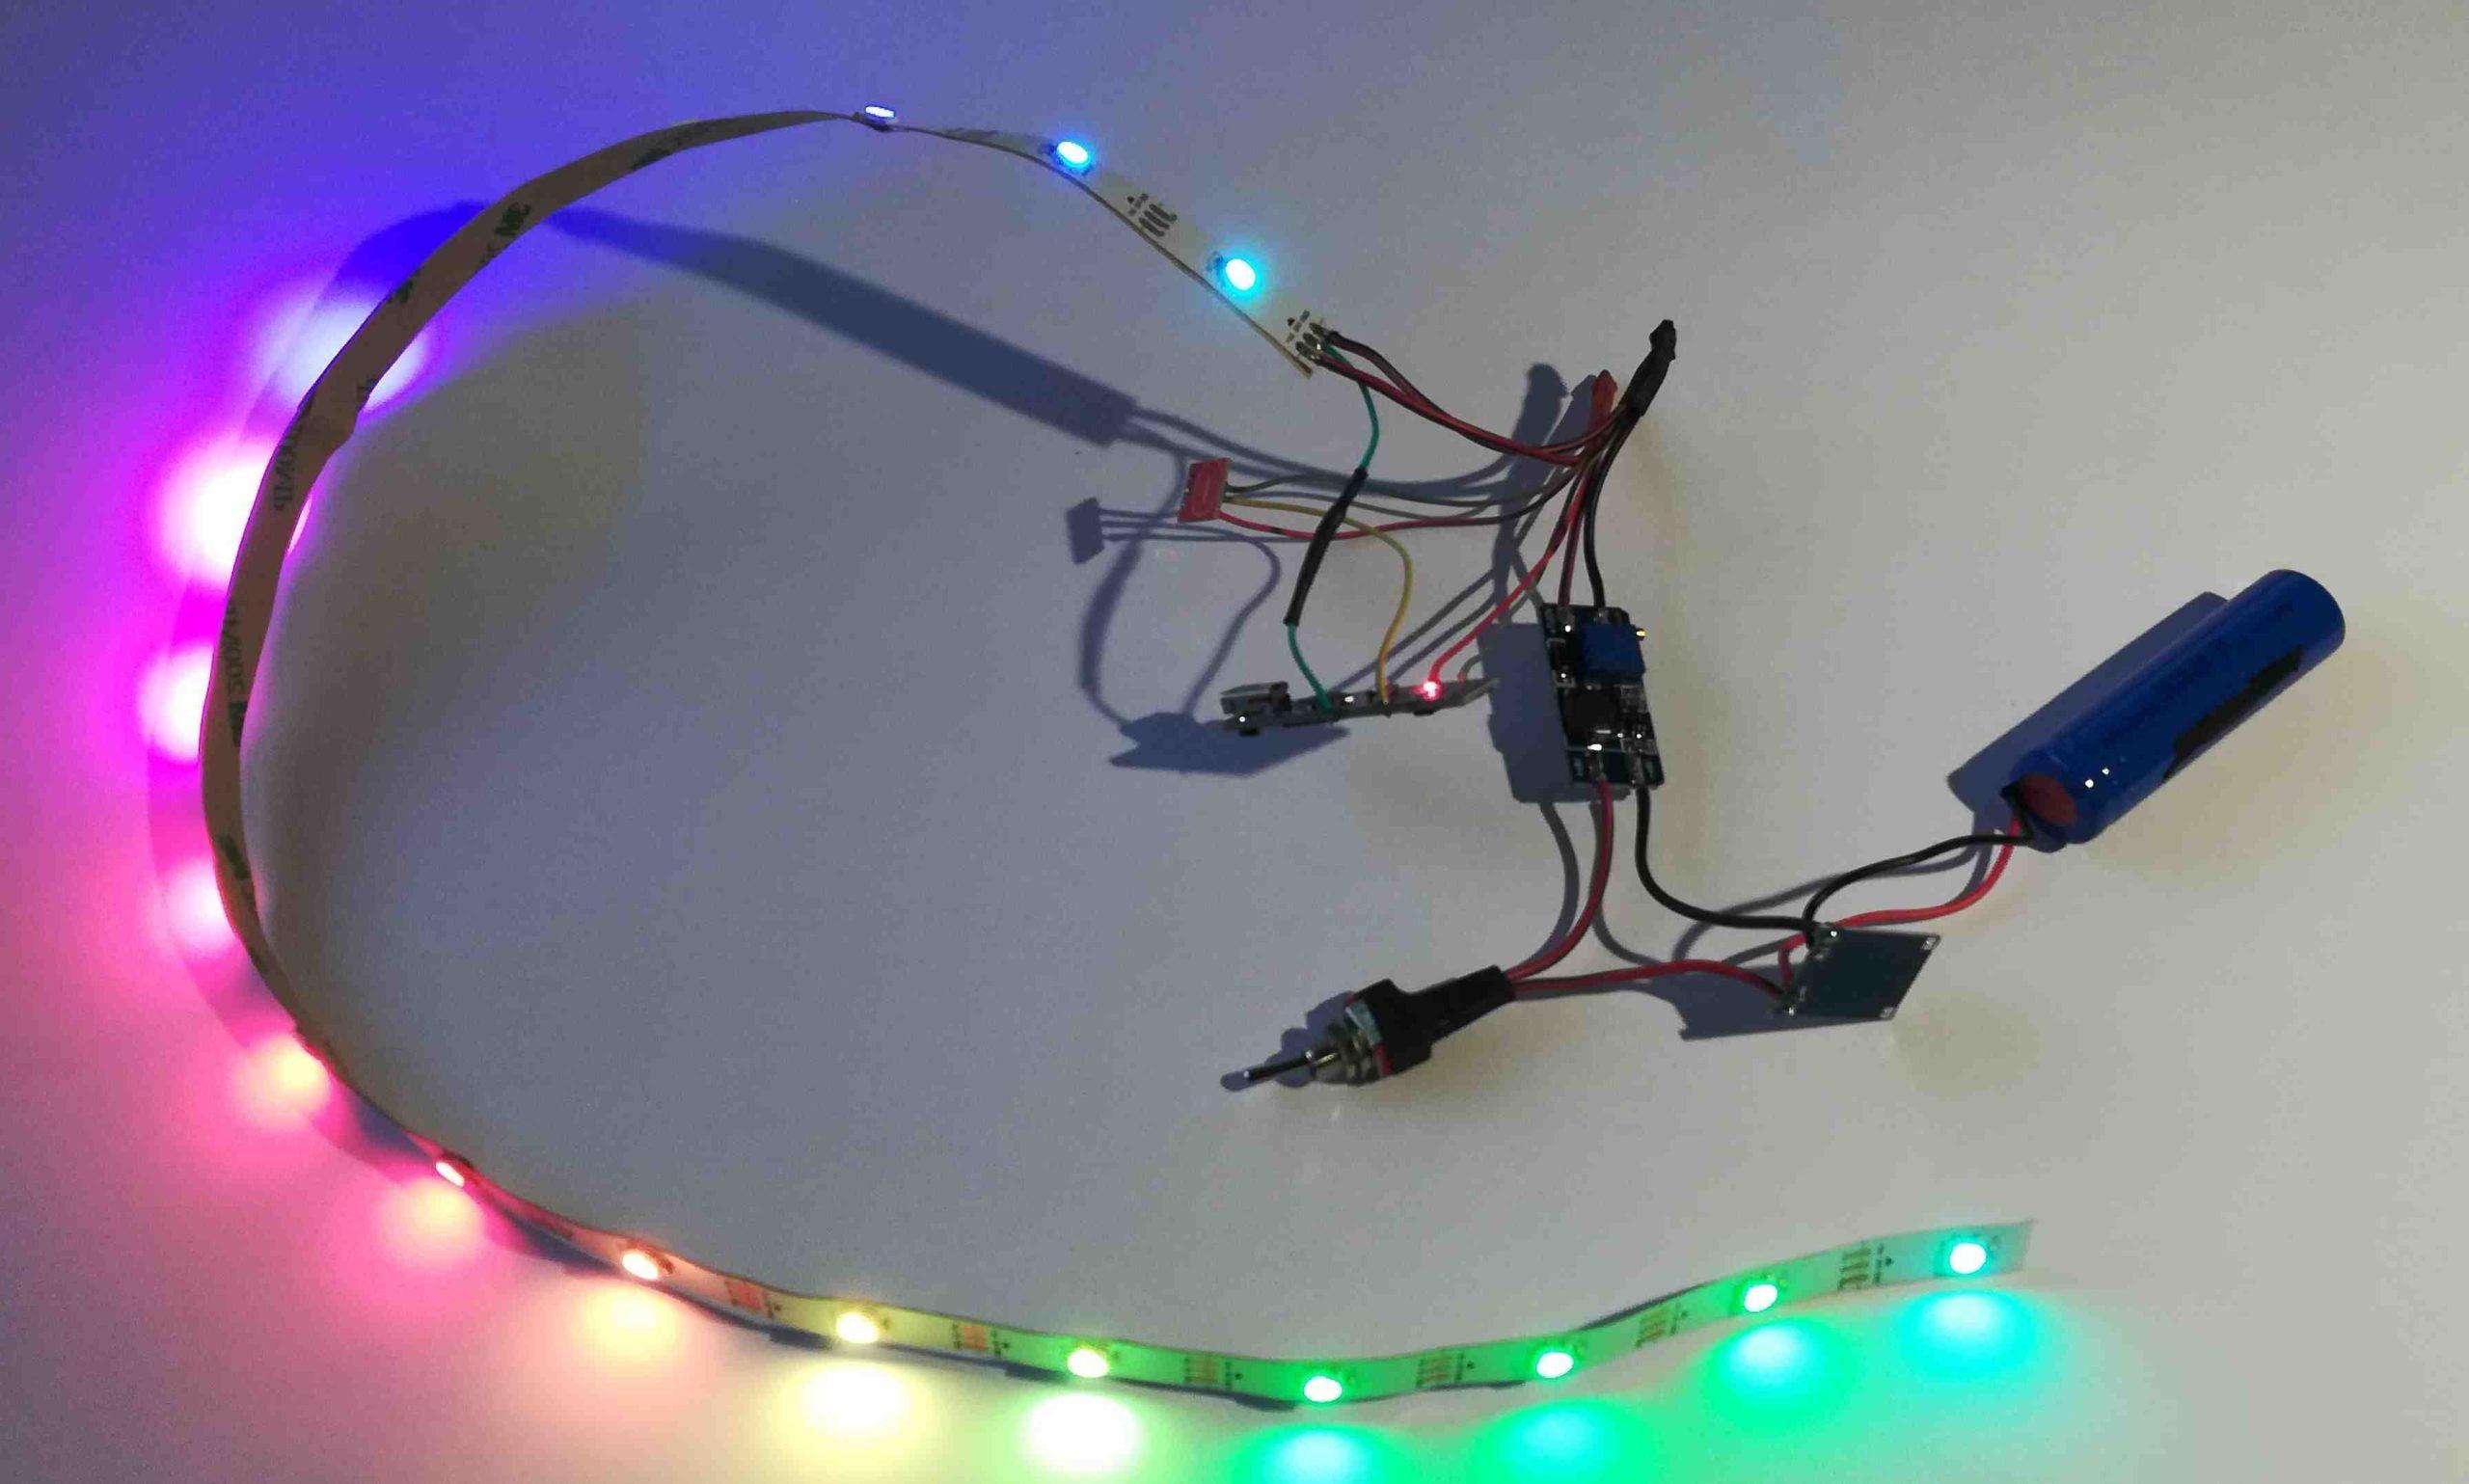 Comment connaître la tension d'alimentation d'une LED?